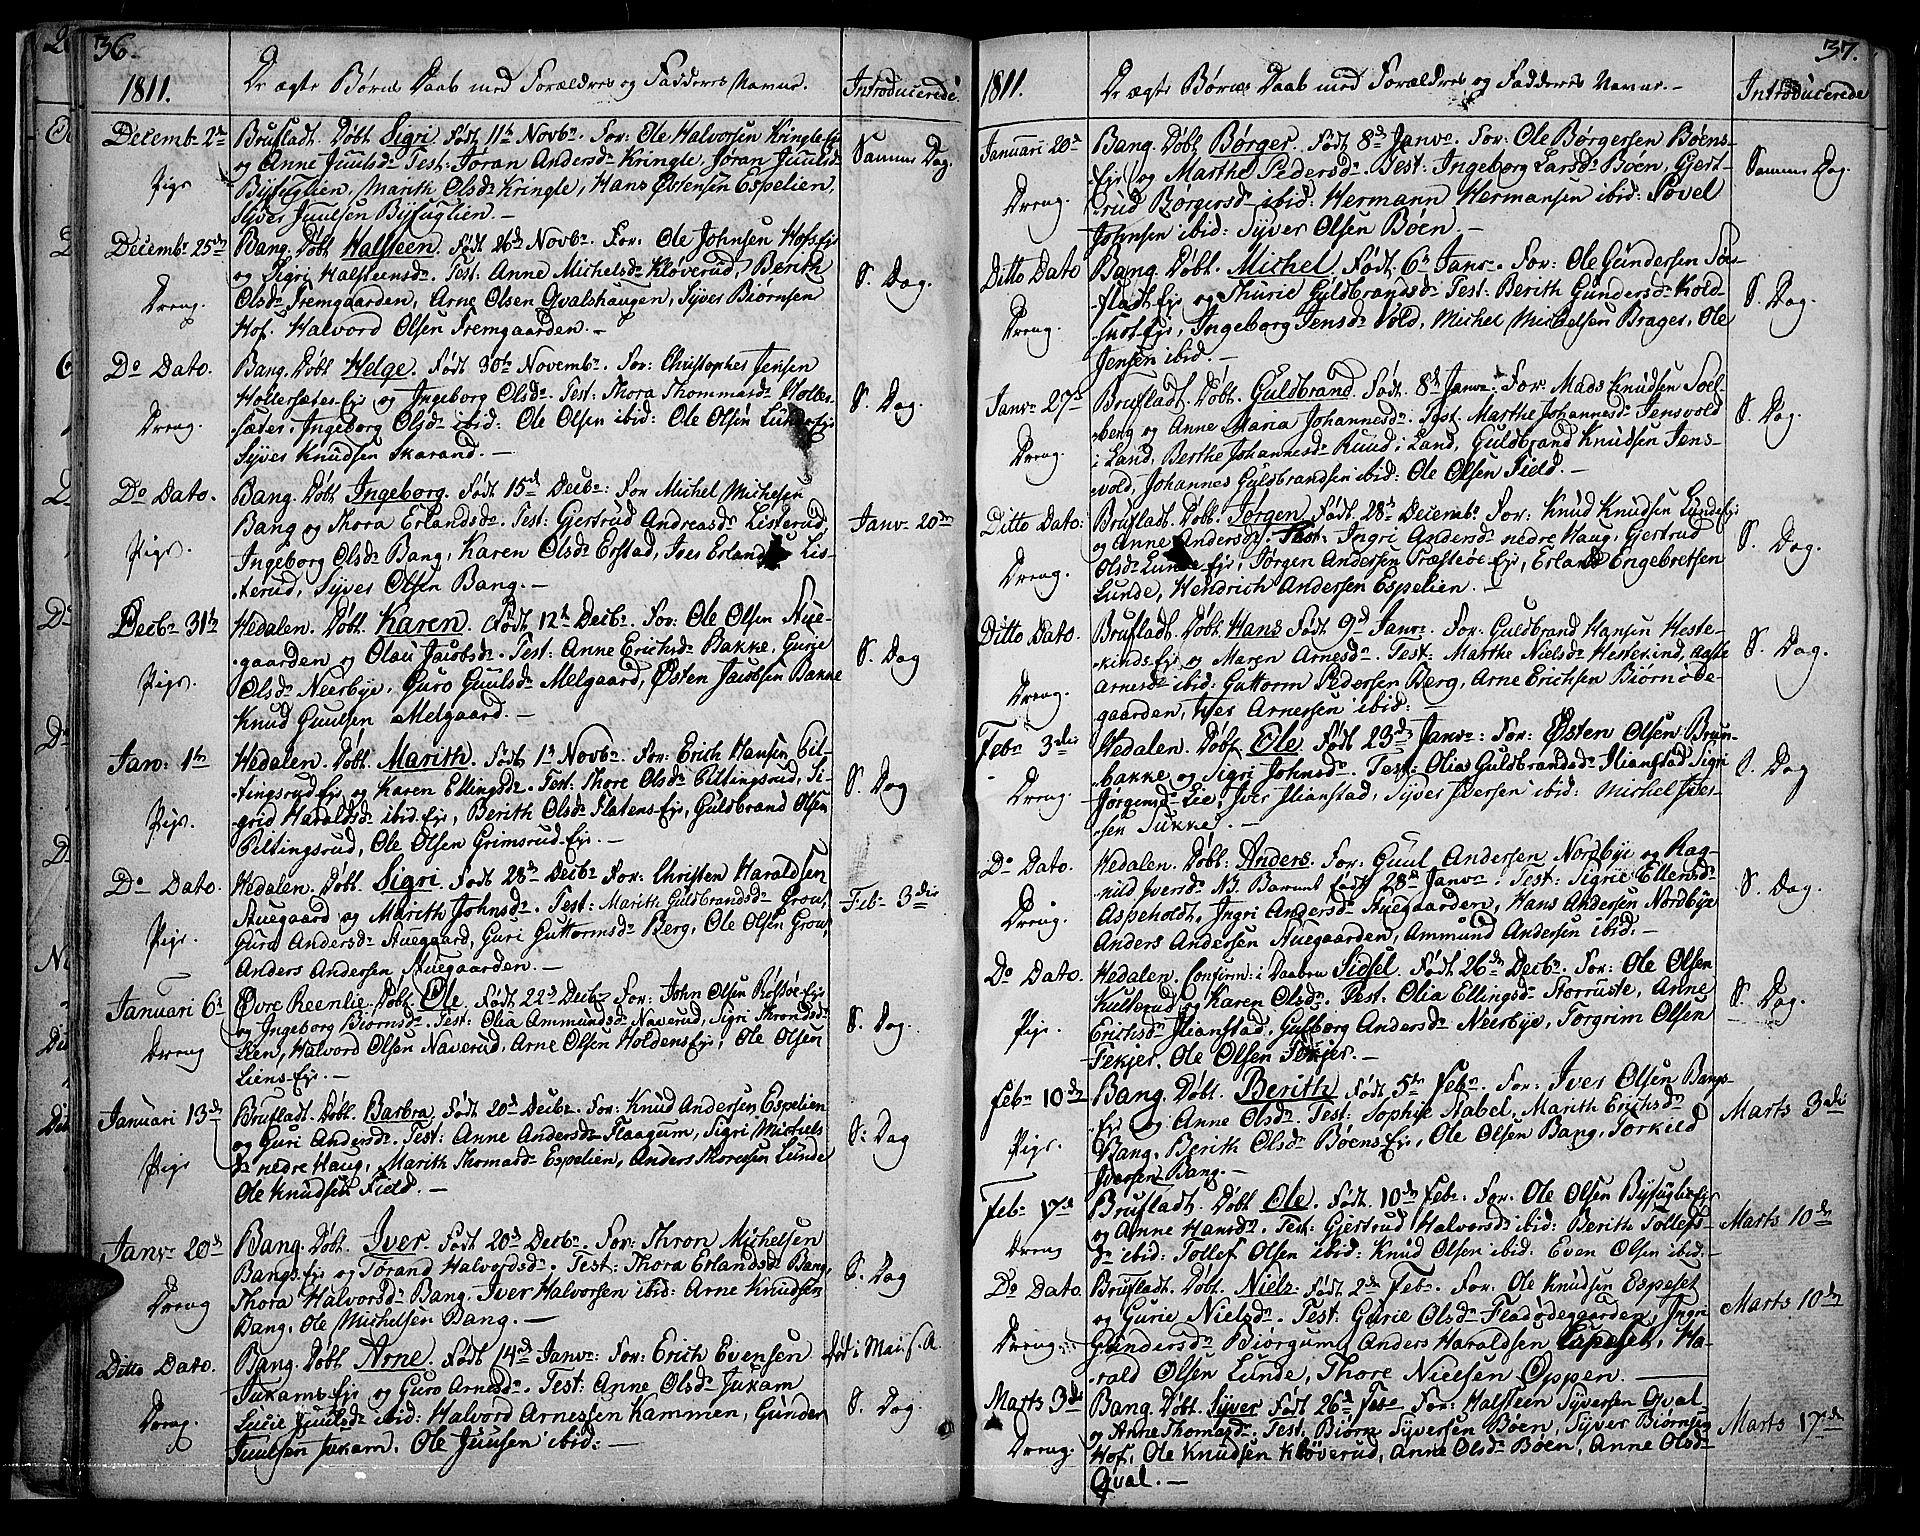 SAH, Sør-Aurdal prestekontor, Ministerialbok nr. 1, 1807-1815, s. 36-37